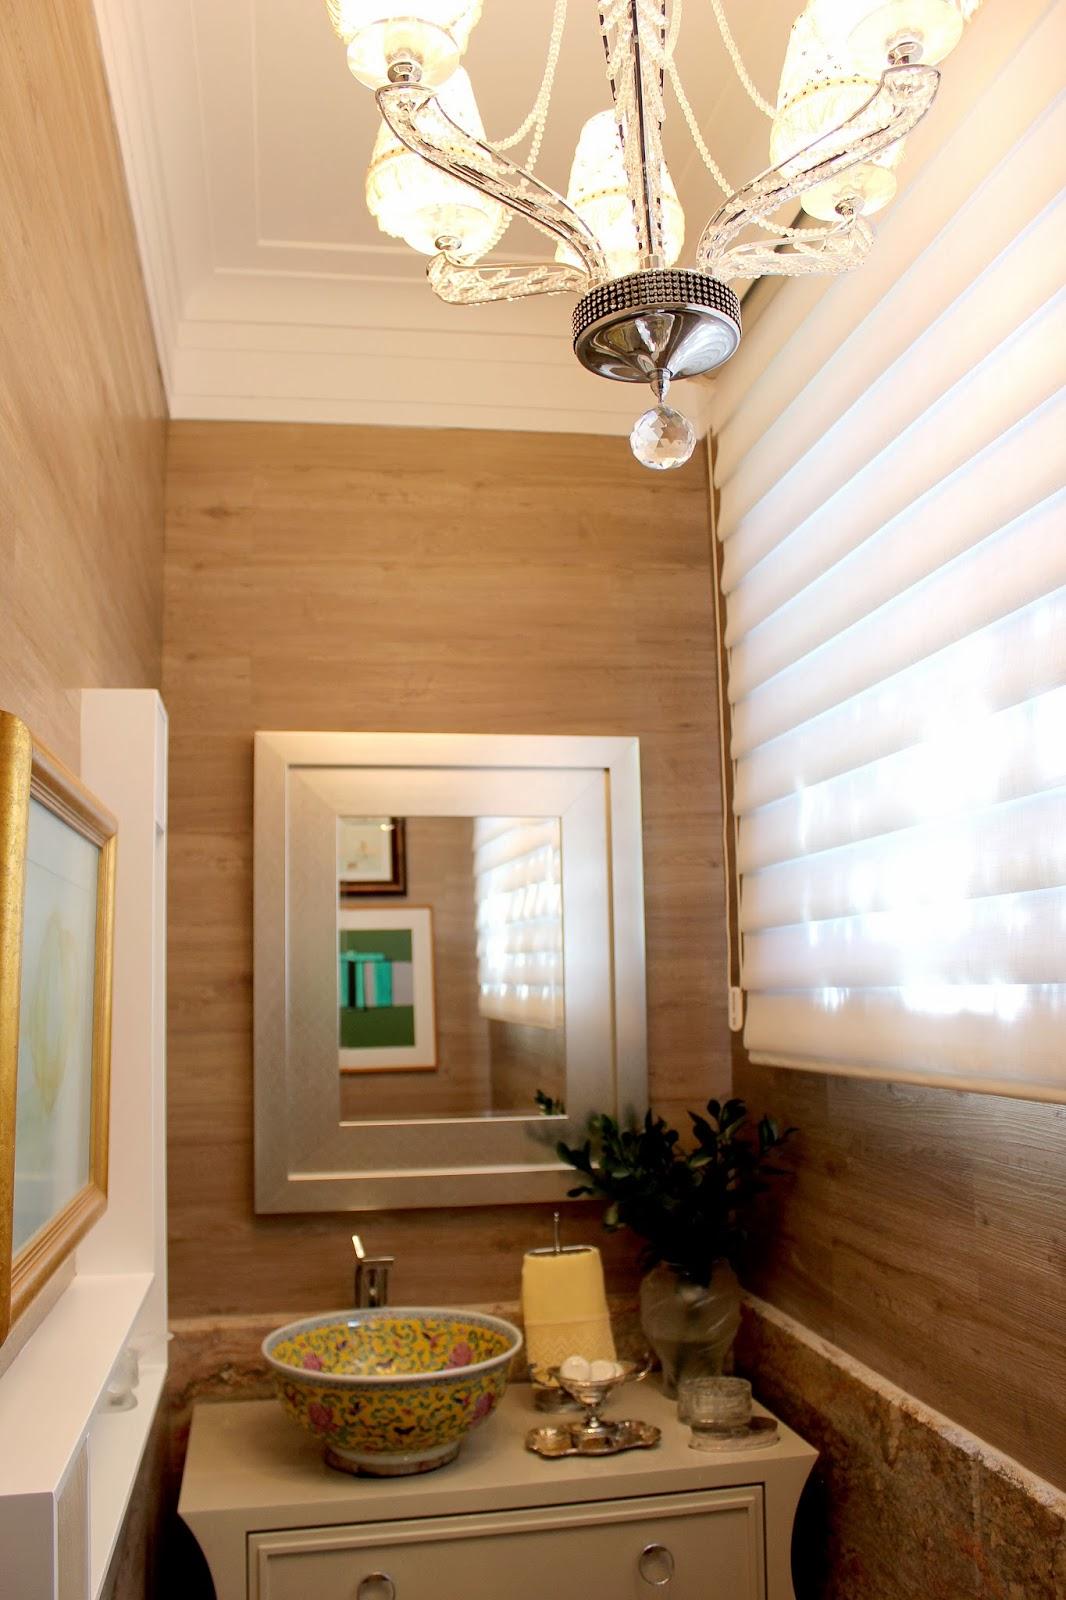 rustico:Ateliê Revestimentos: 10 sugestões para decorar banheiros e #331B08 1066x1600 Balcao Banheiro Rustico